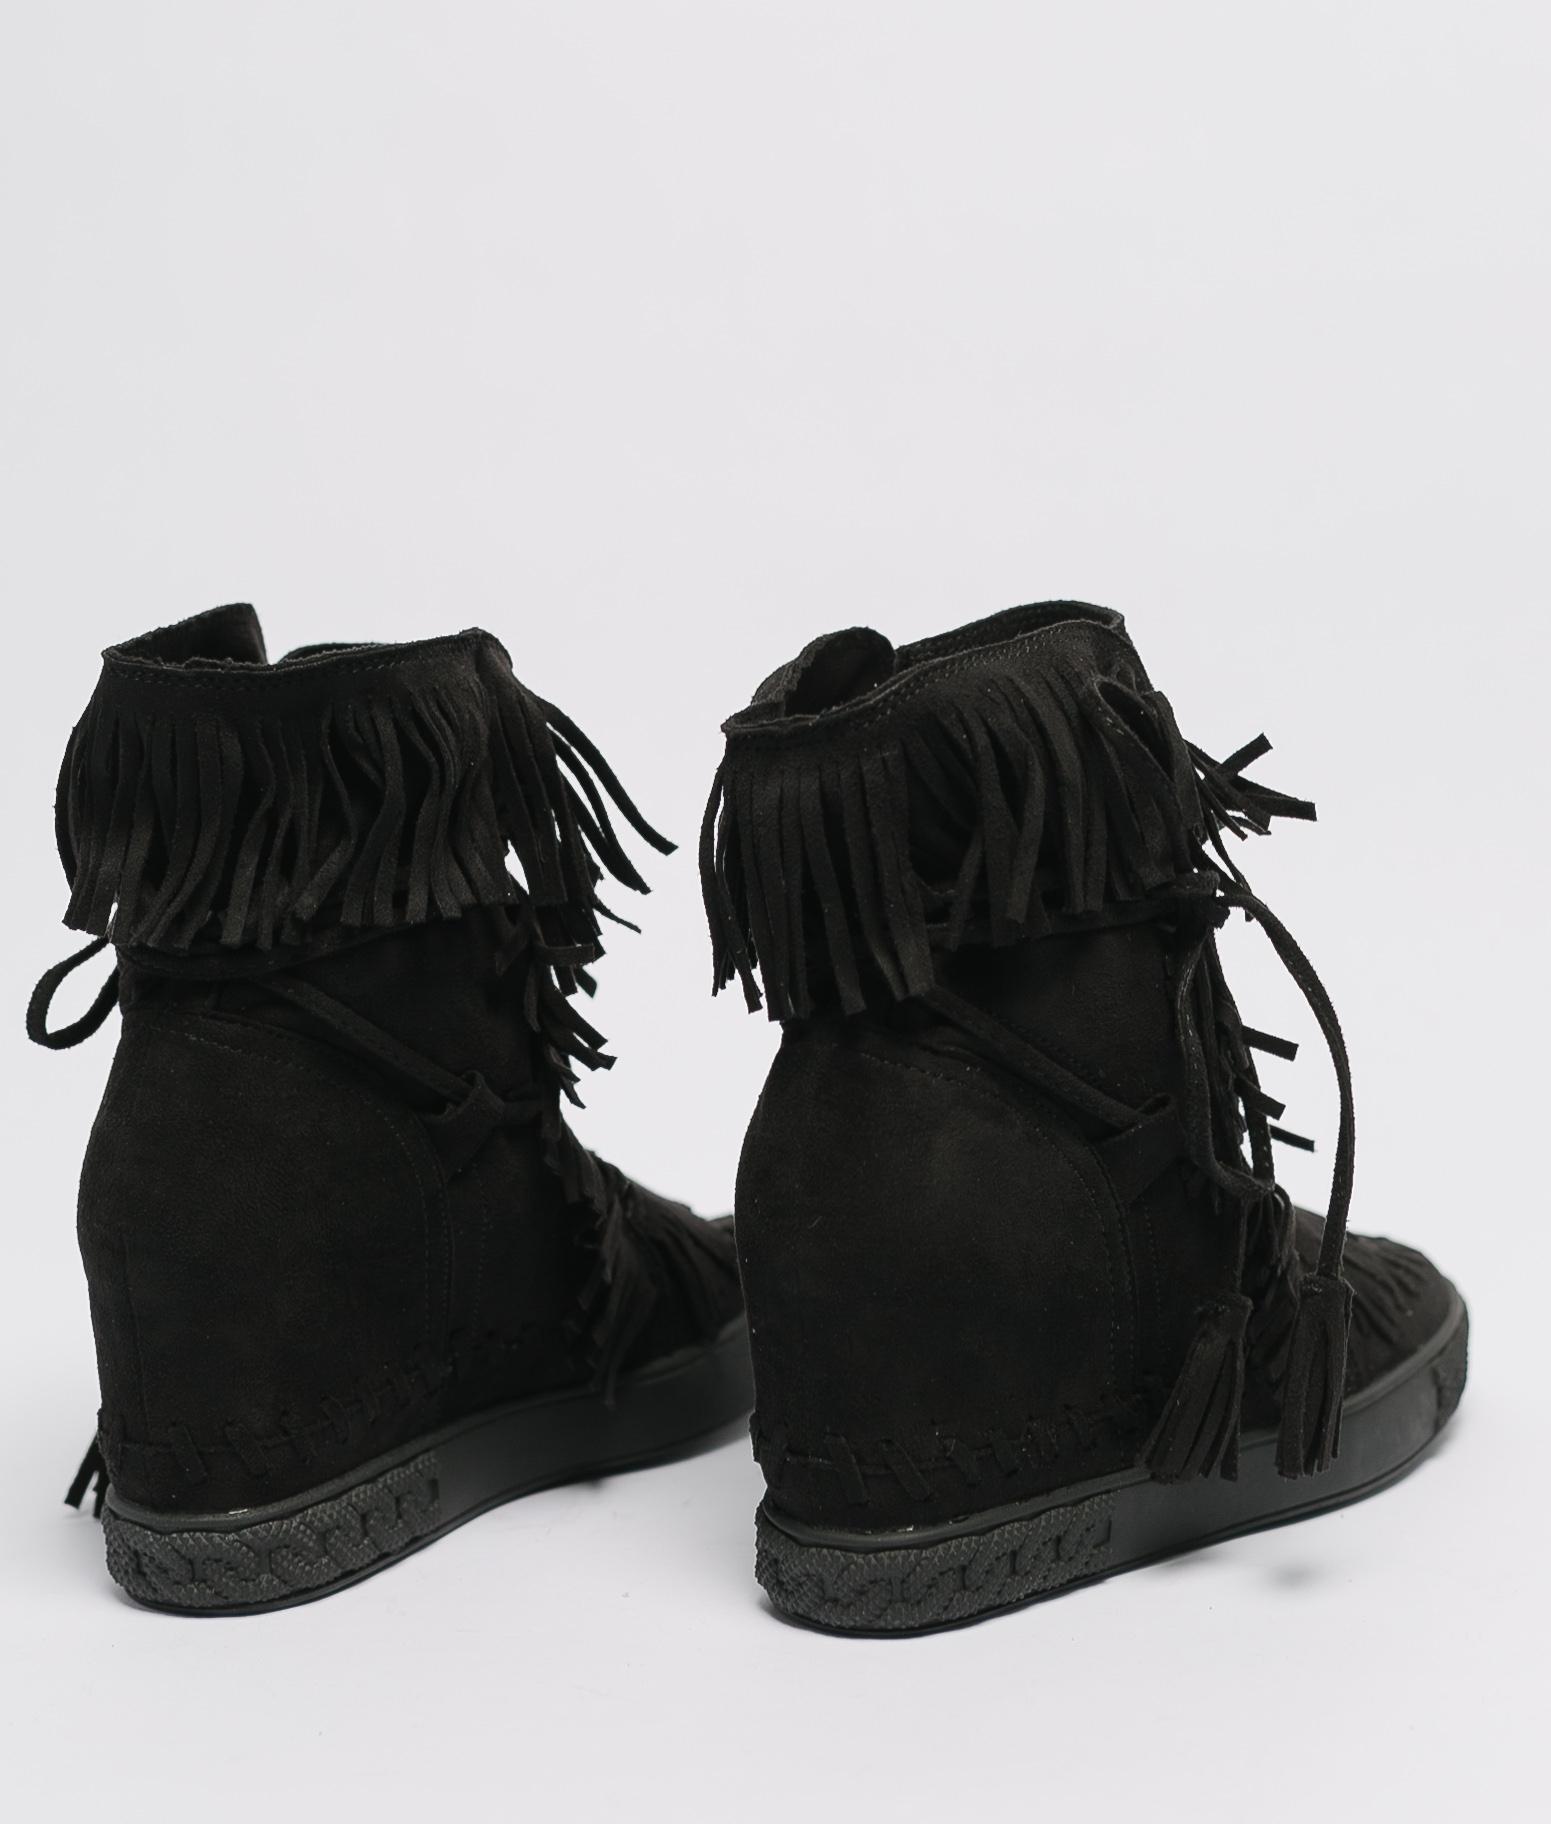 Bota Baja Livea - Negro